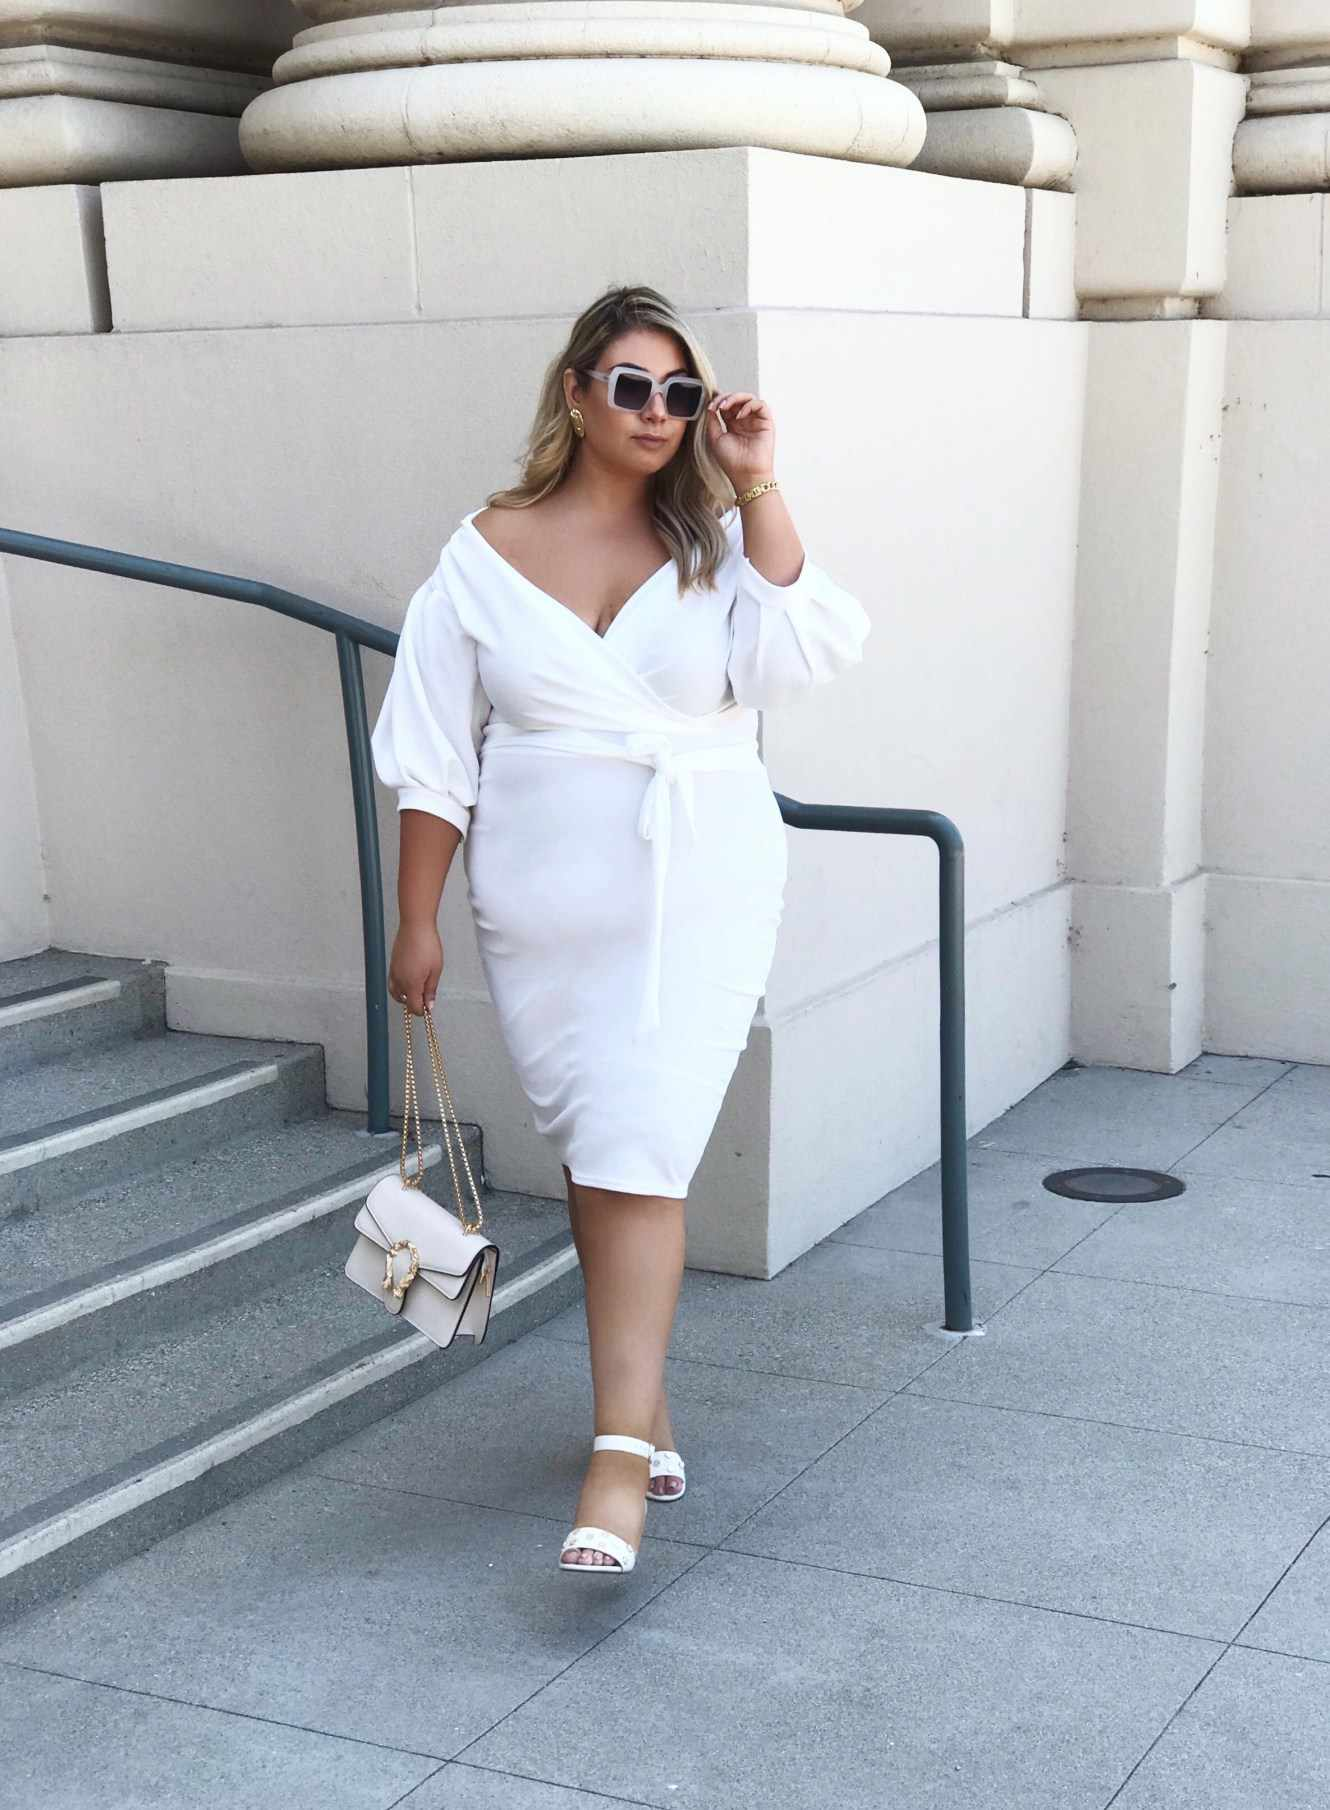 Woman in Little White Dress